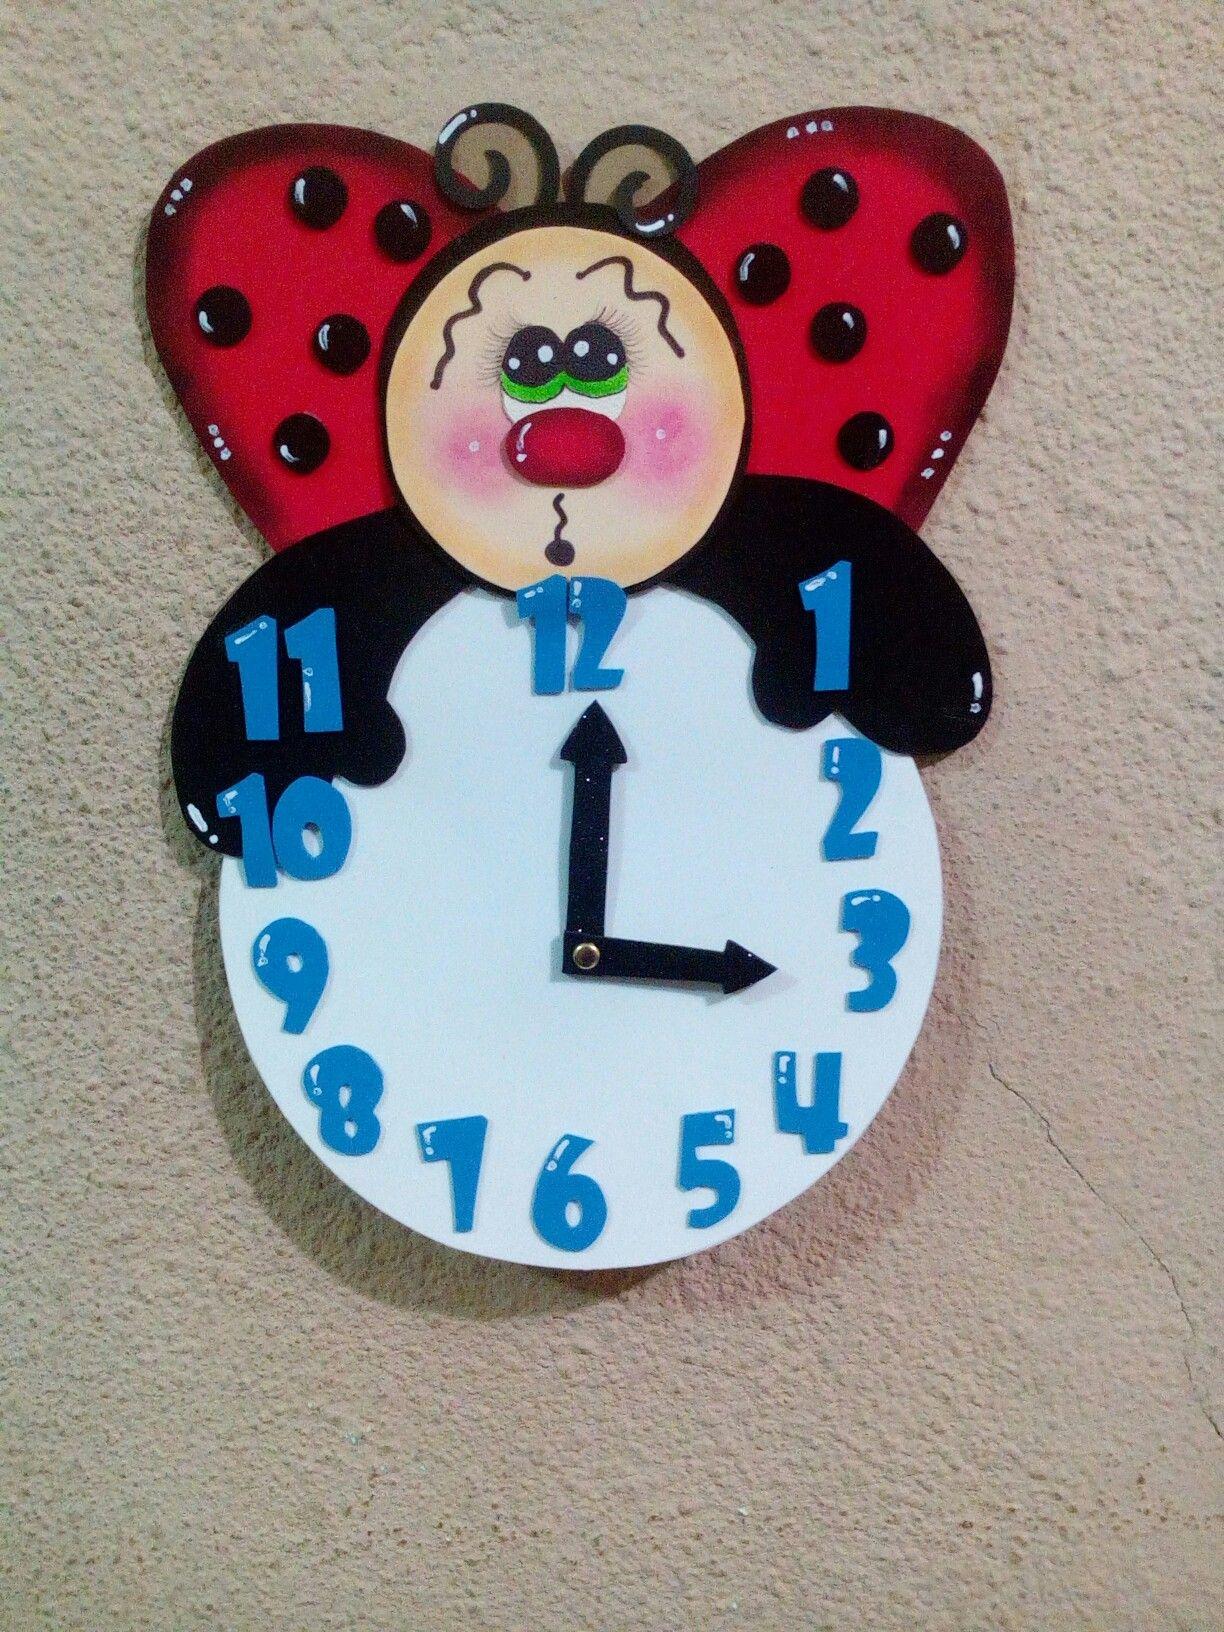 Relojes infantiles manualidades mu ecas y m s - Manualidades relojes infantiles ...